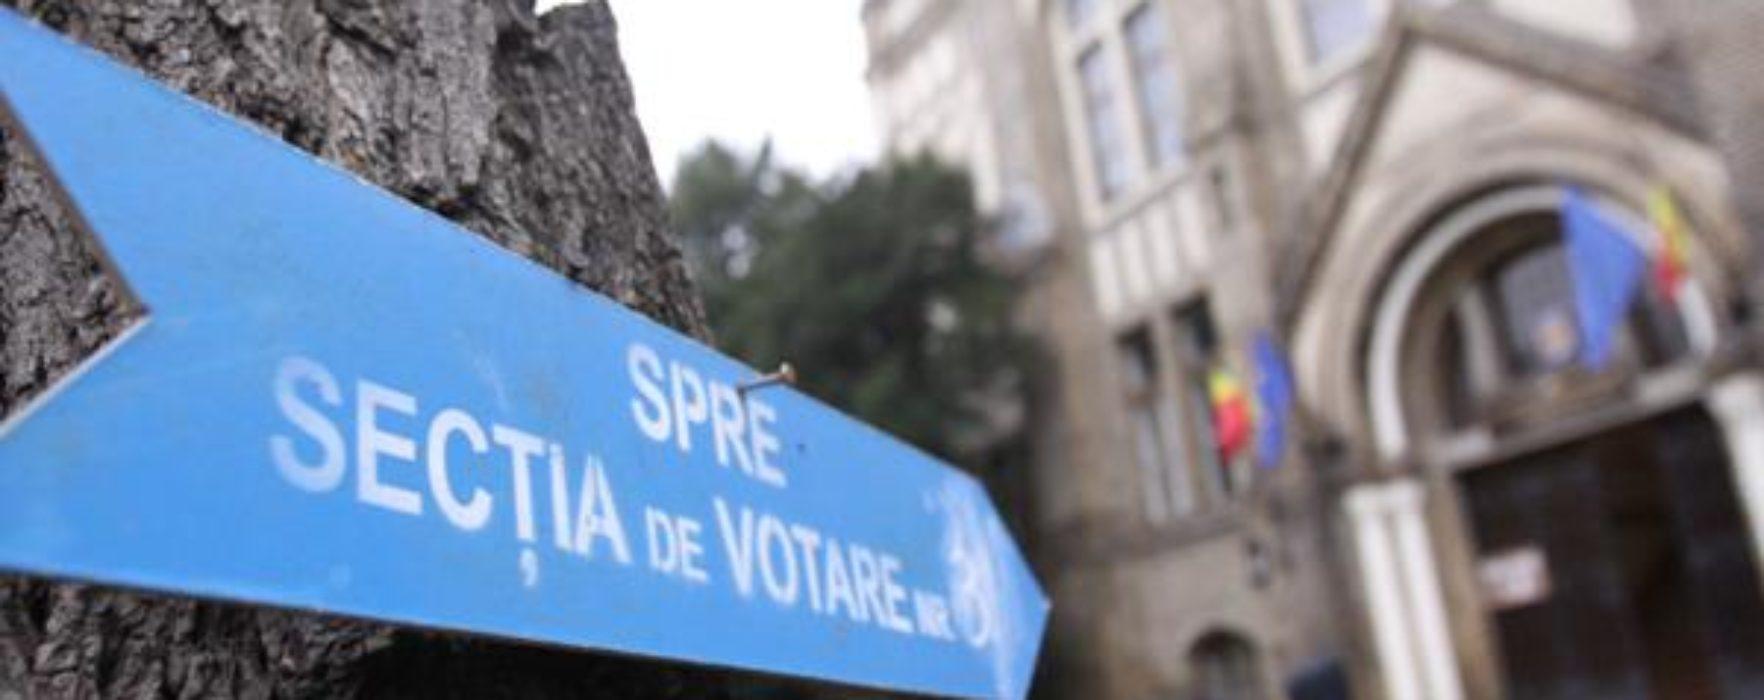 #referendum2018 Dâmboviţa pe locul doi ca prezenţă, cu 28,98%